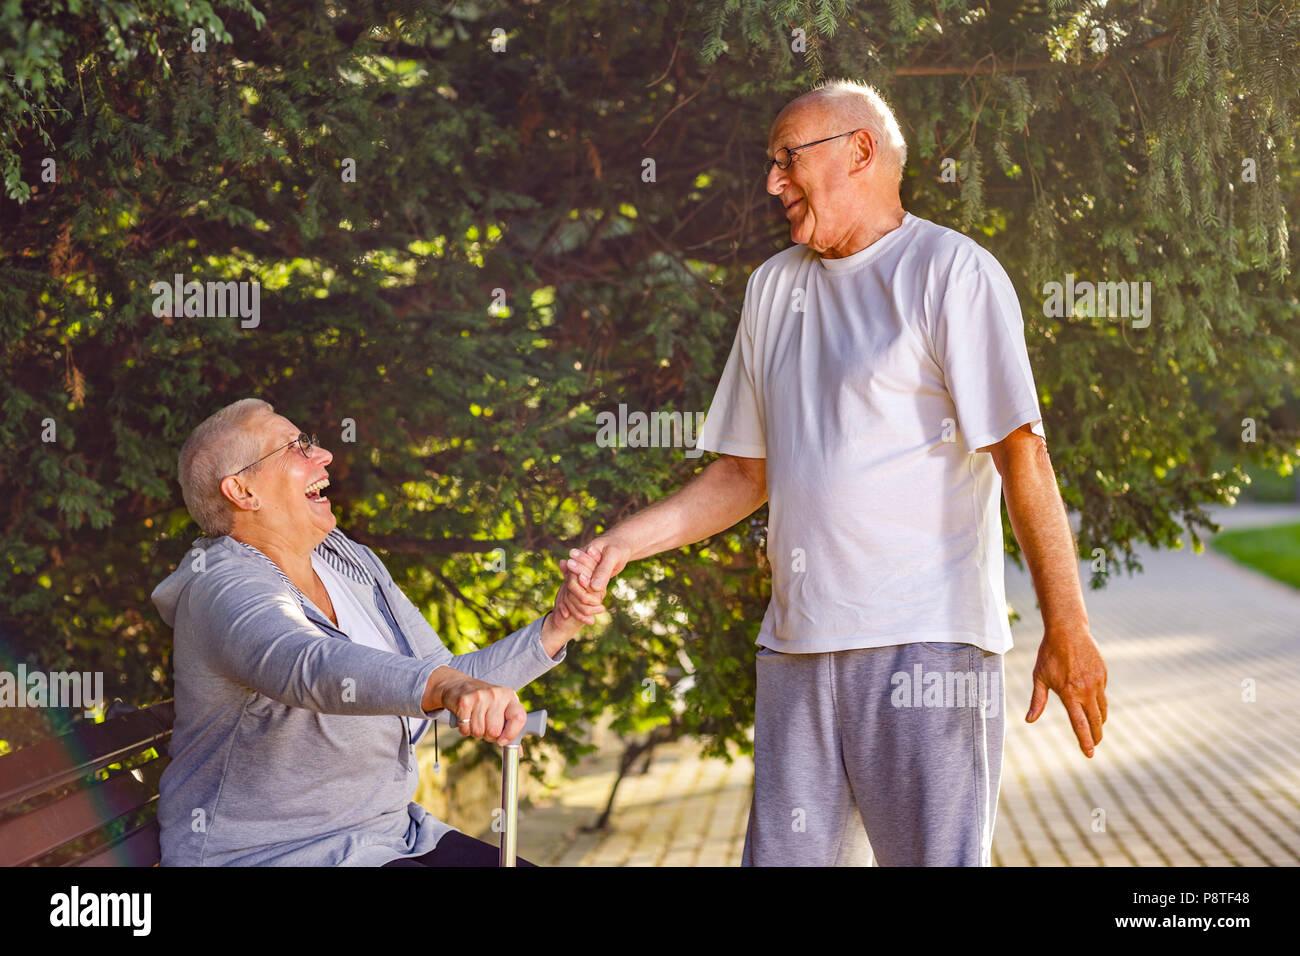 Les personnes âgées au park- Smiling vieil homme femme bienveillante dans le parc Photo Stock